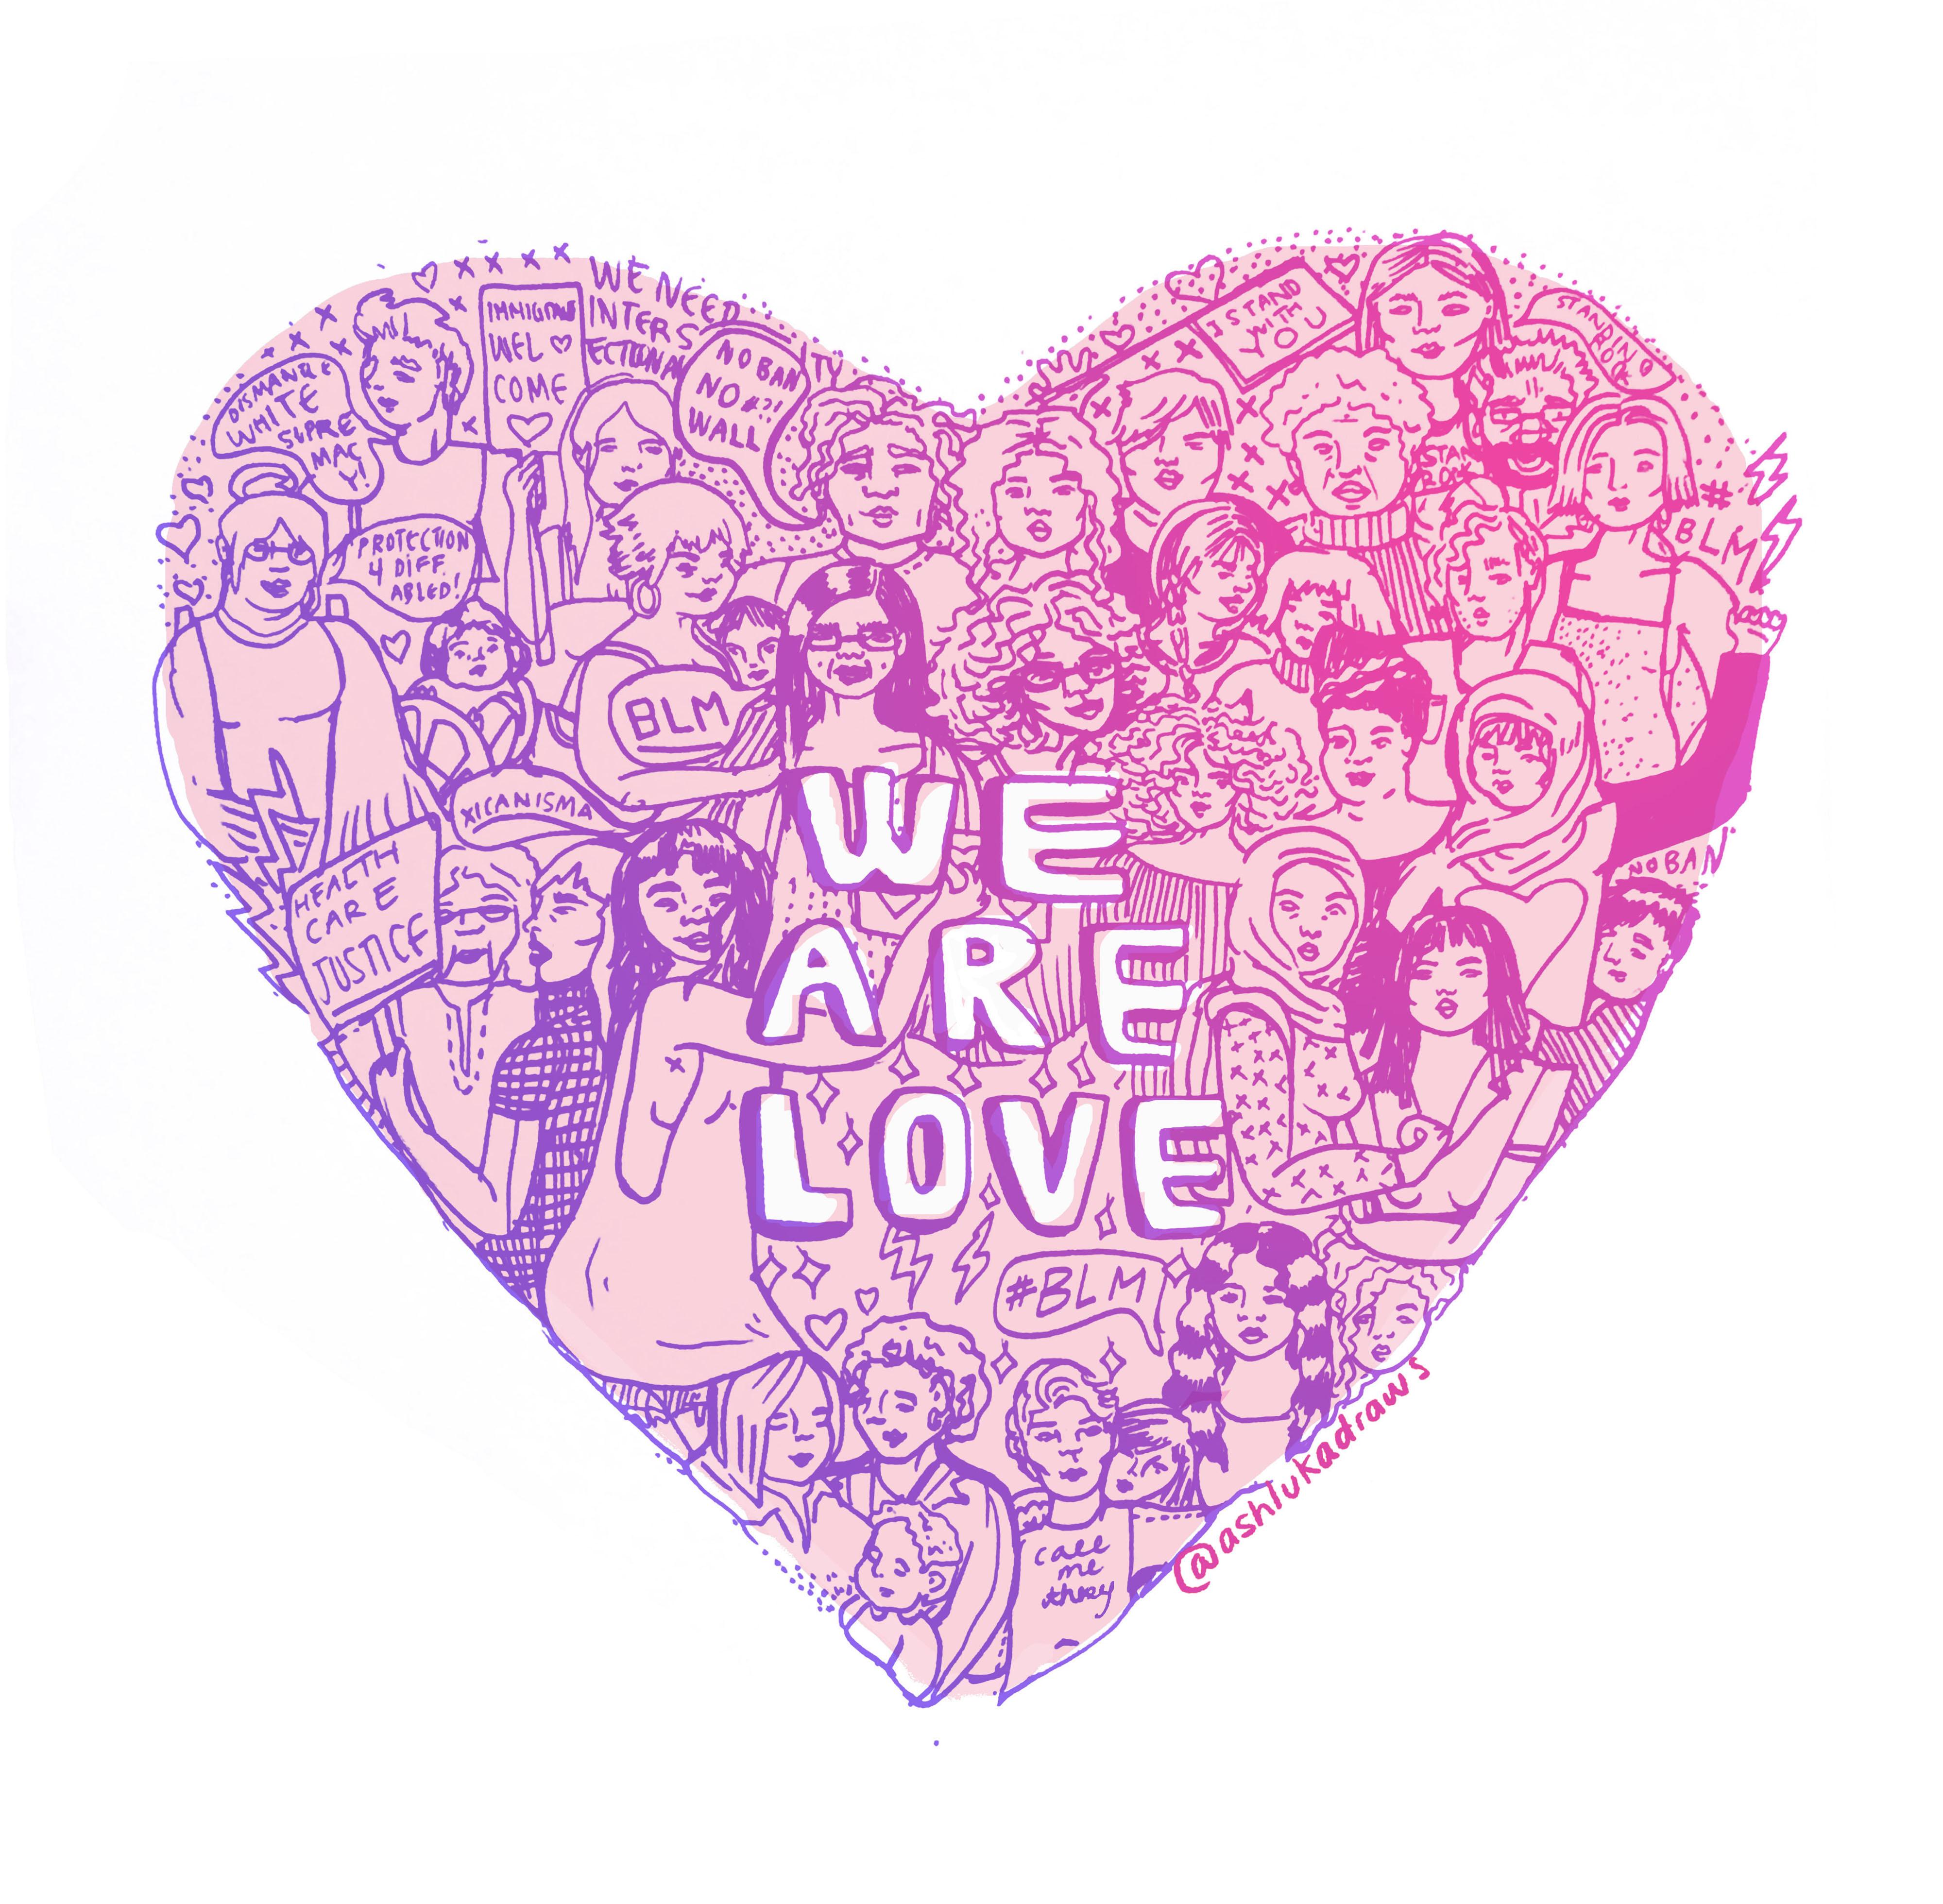 Wearelove_lovearmy